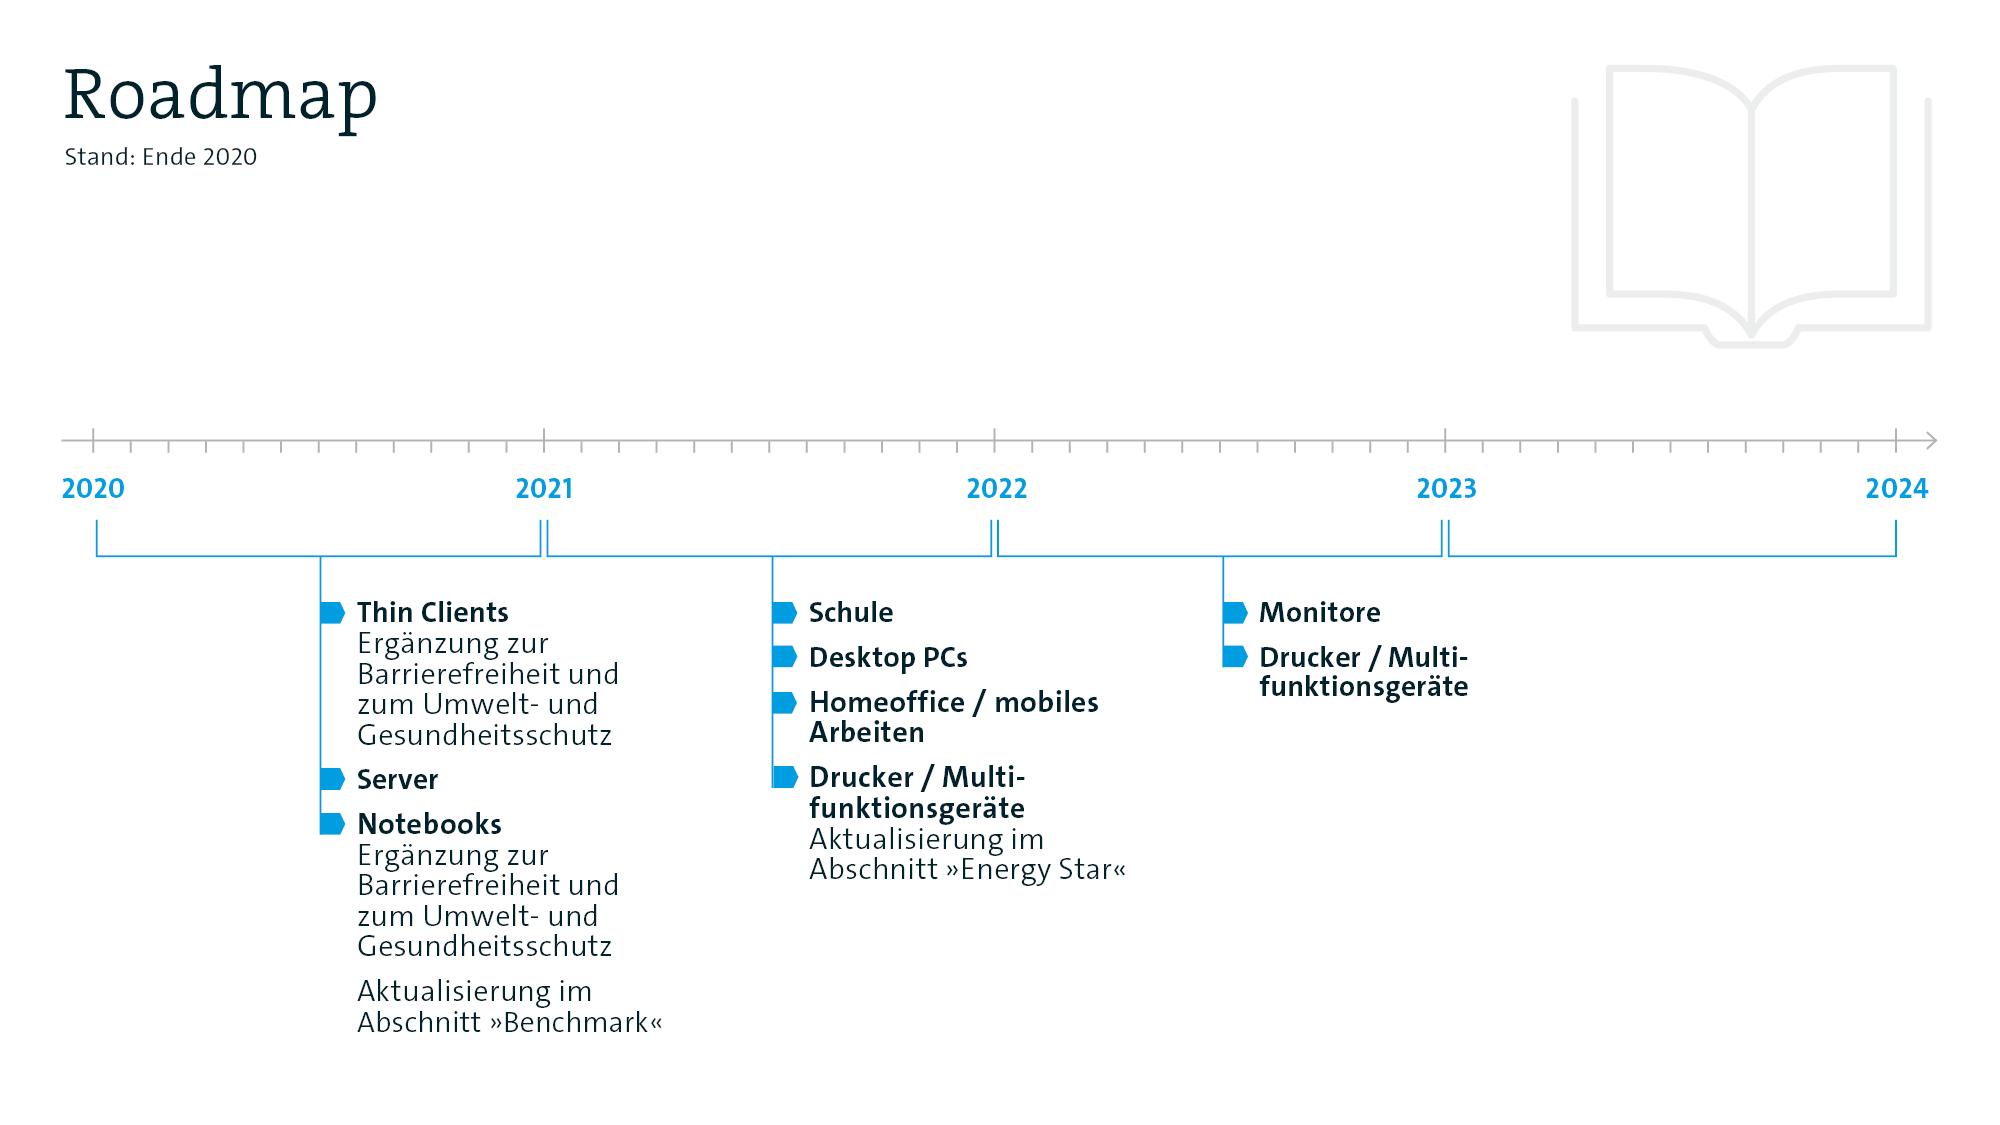 Roadmap_itk-beschaffung.de_2021